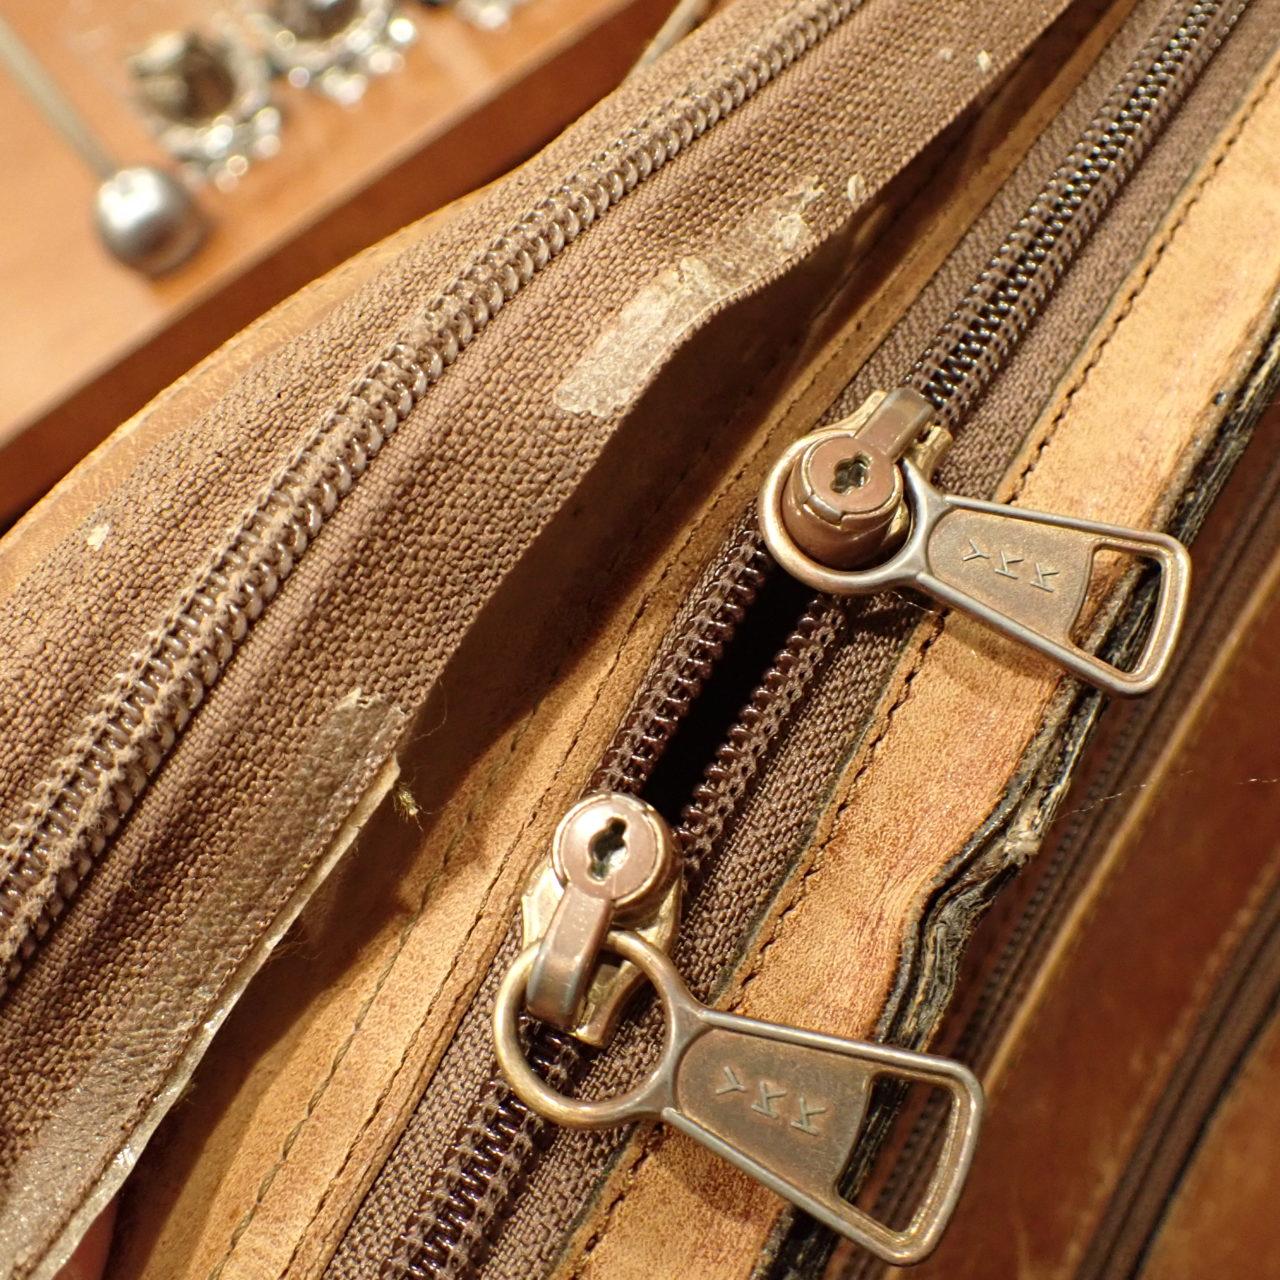 バッグのファスナー交換とバッグメンテナンスを行いました。